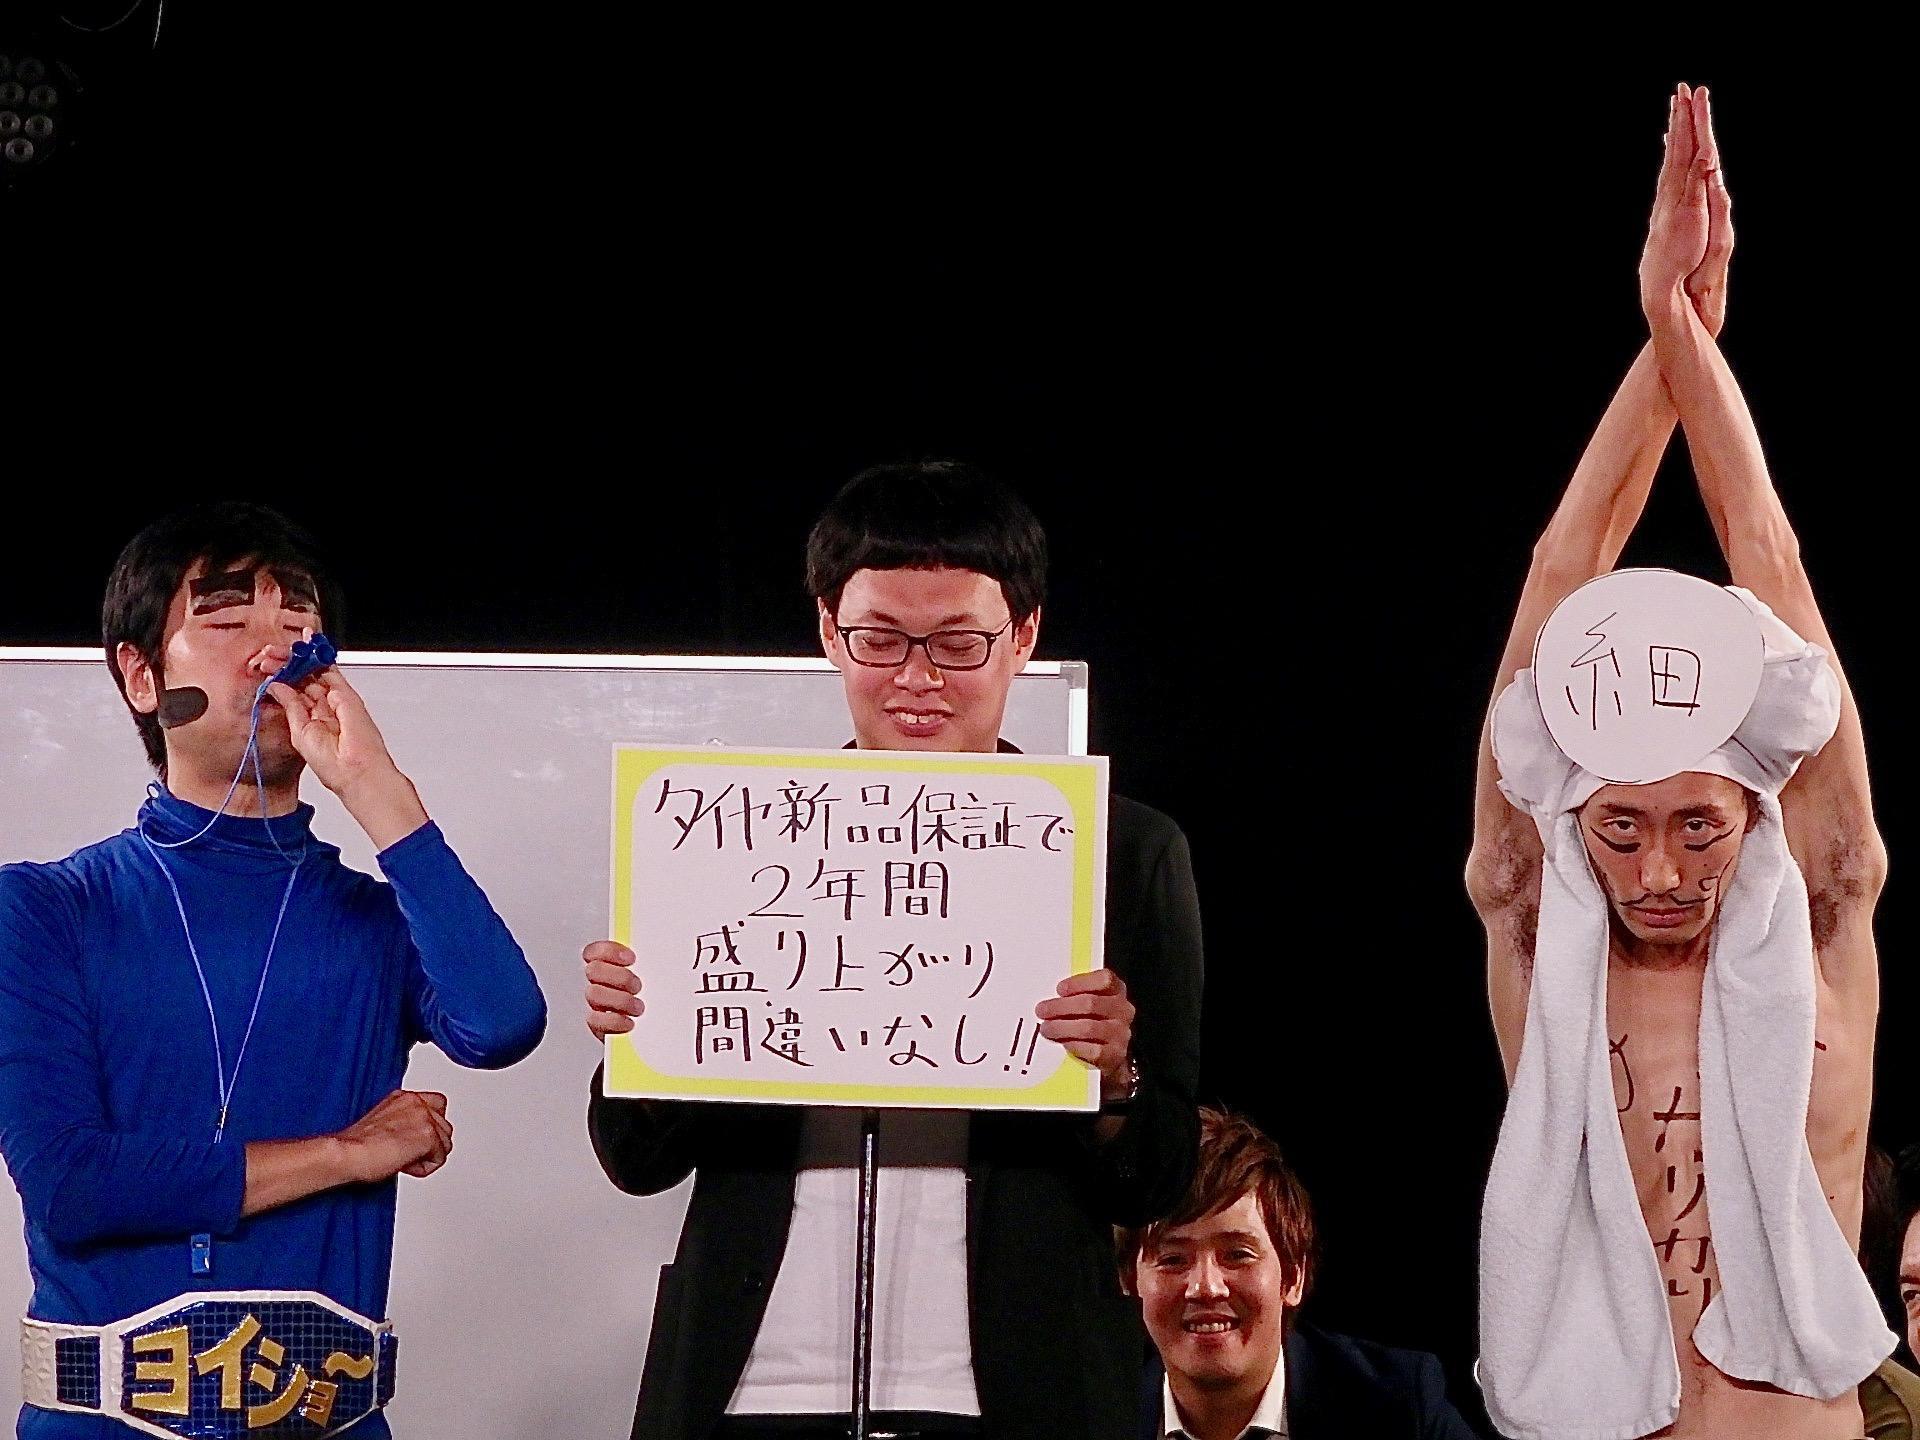 http://news.yoshimoto.co.jp/20171016143328-6efce5837827de604f3994d05c6897a45d2f7dc5.jpg